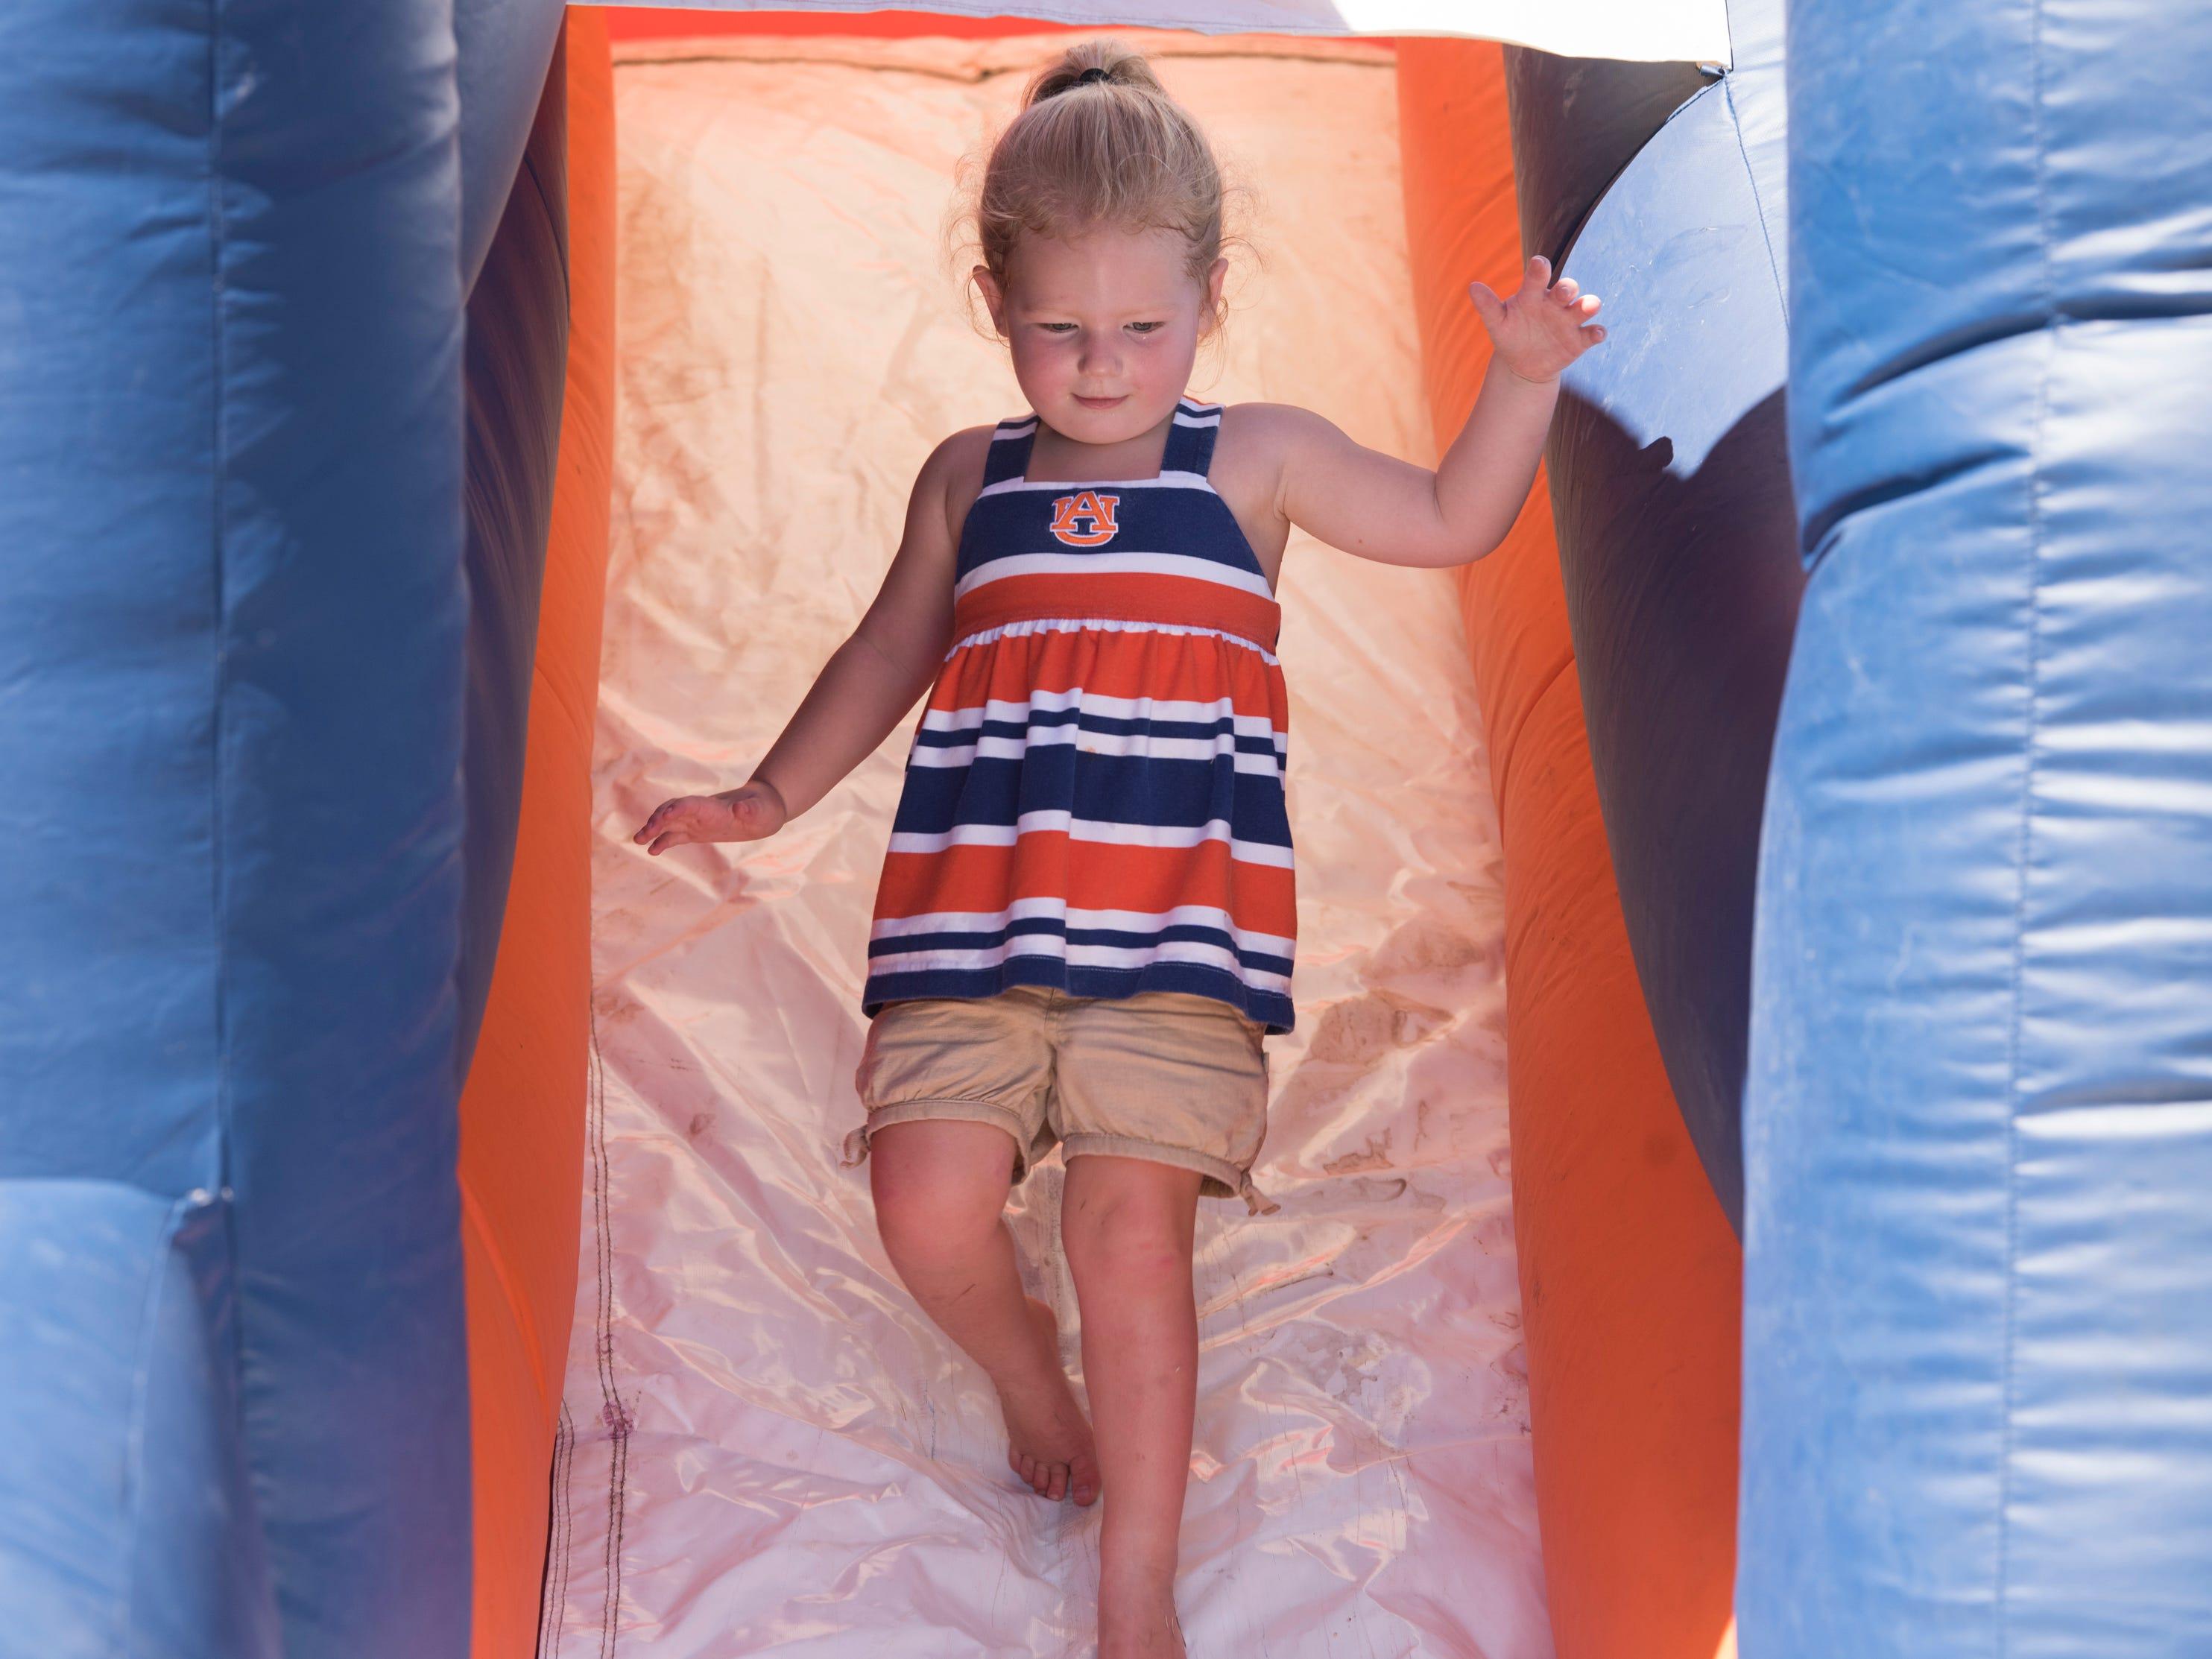 Corinne Pittman, 3, goes down a bouncy slide outside Jordan-Hare Stadium in Auburn, Ala., on Saturday, Sept. 15, 2018.